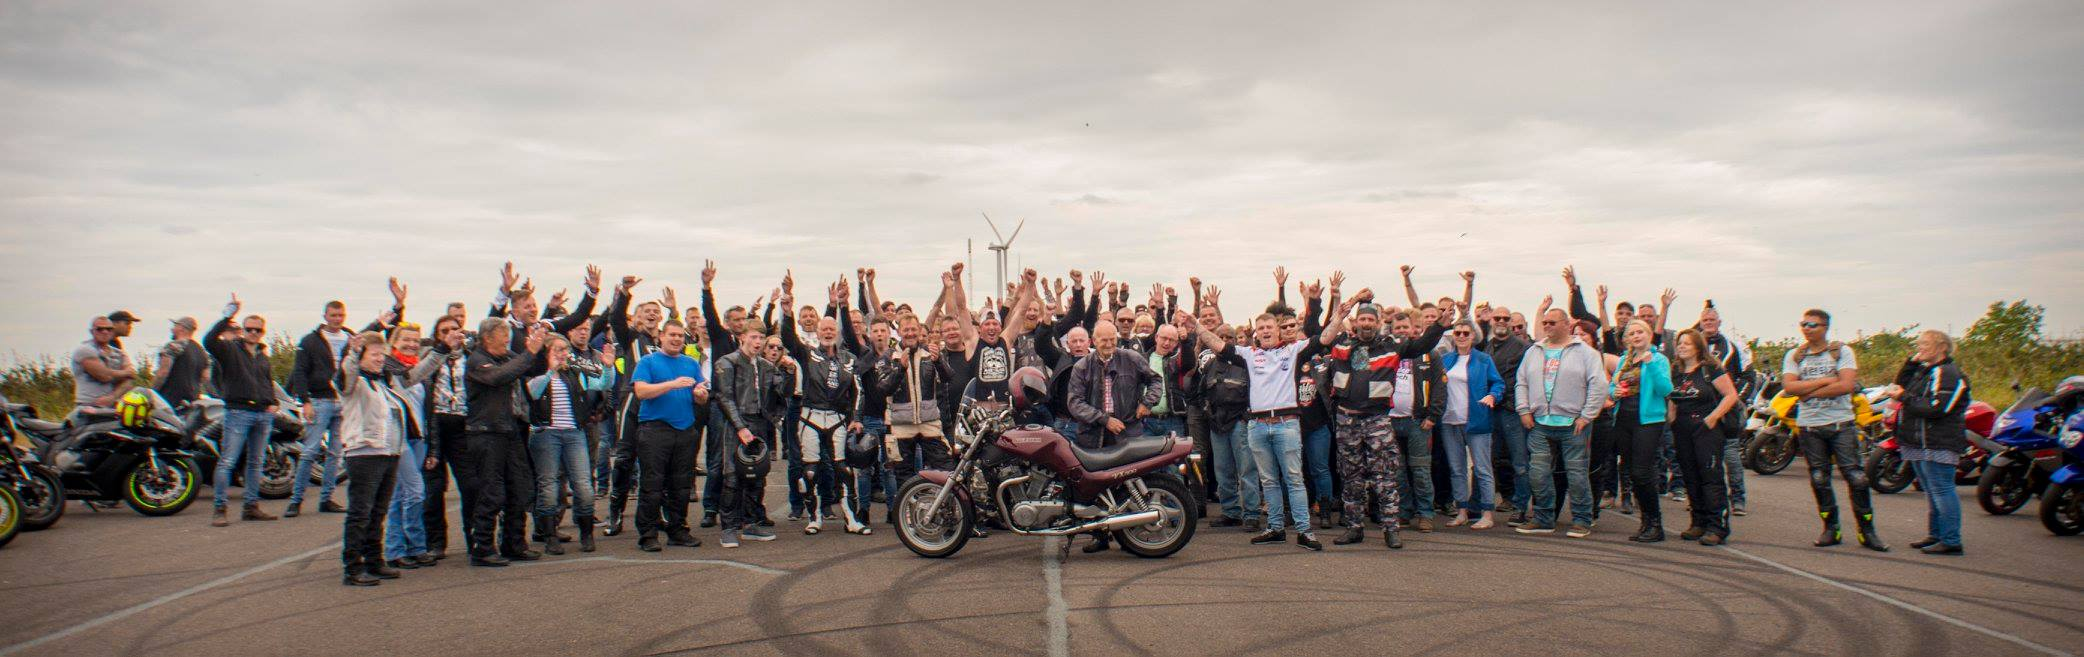 Waardig afscheid voor 82 jarige fanatiek motorrijder op de Essenhof in Dordrecht.